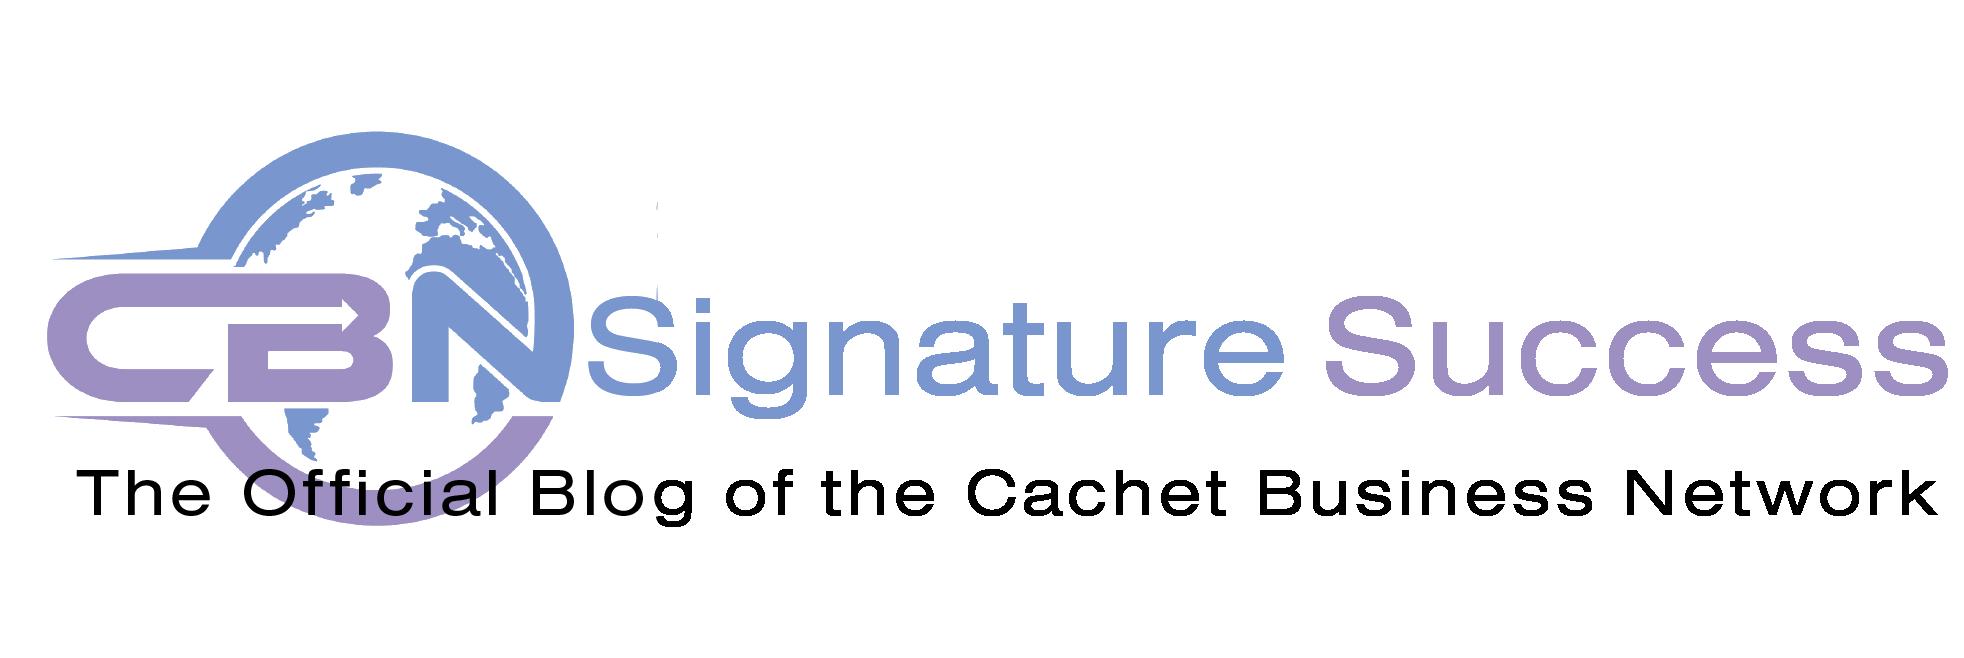 Signature Success